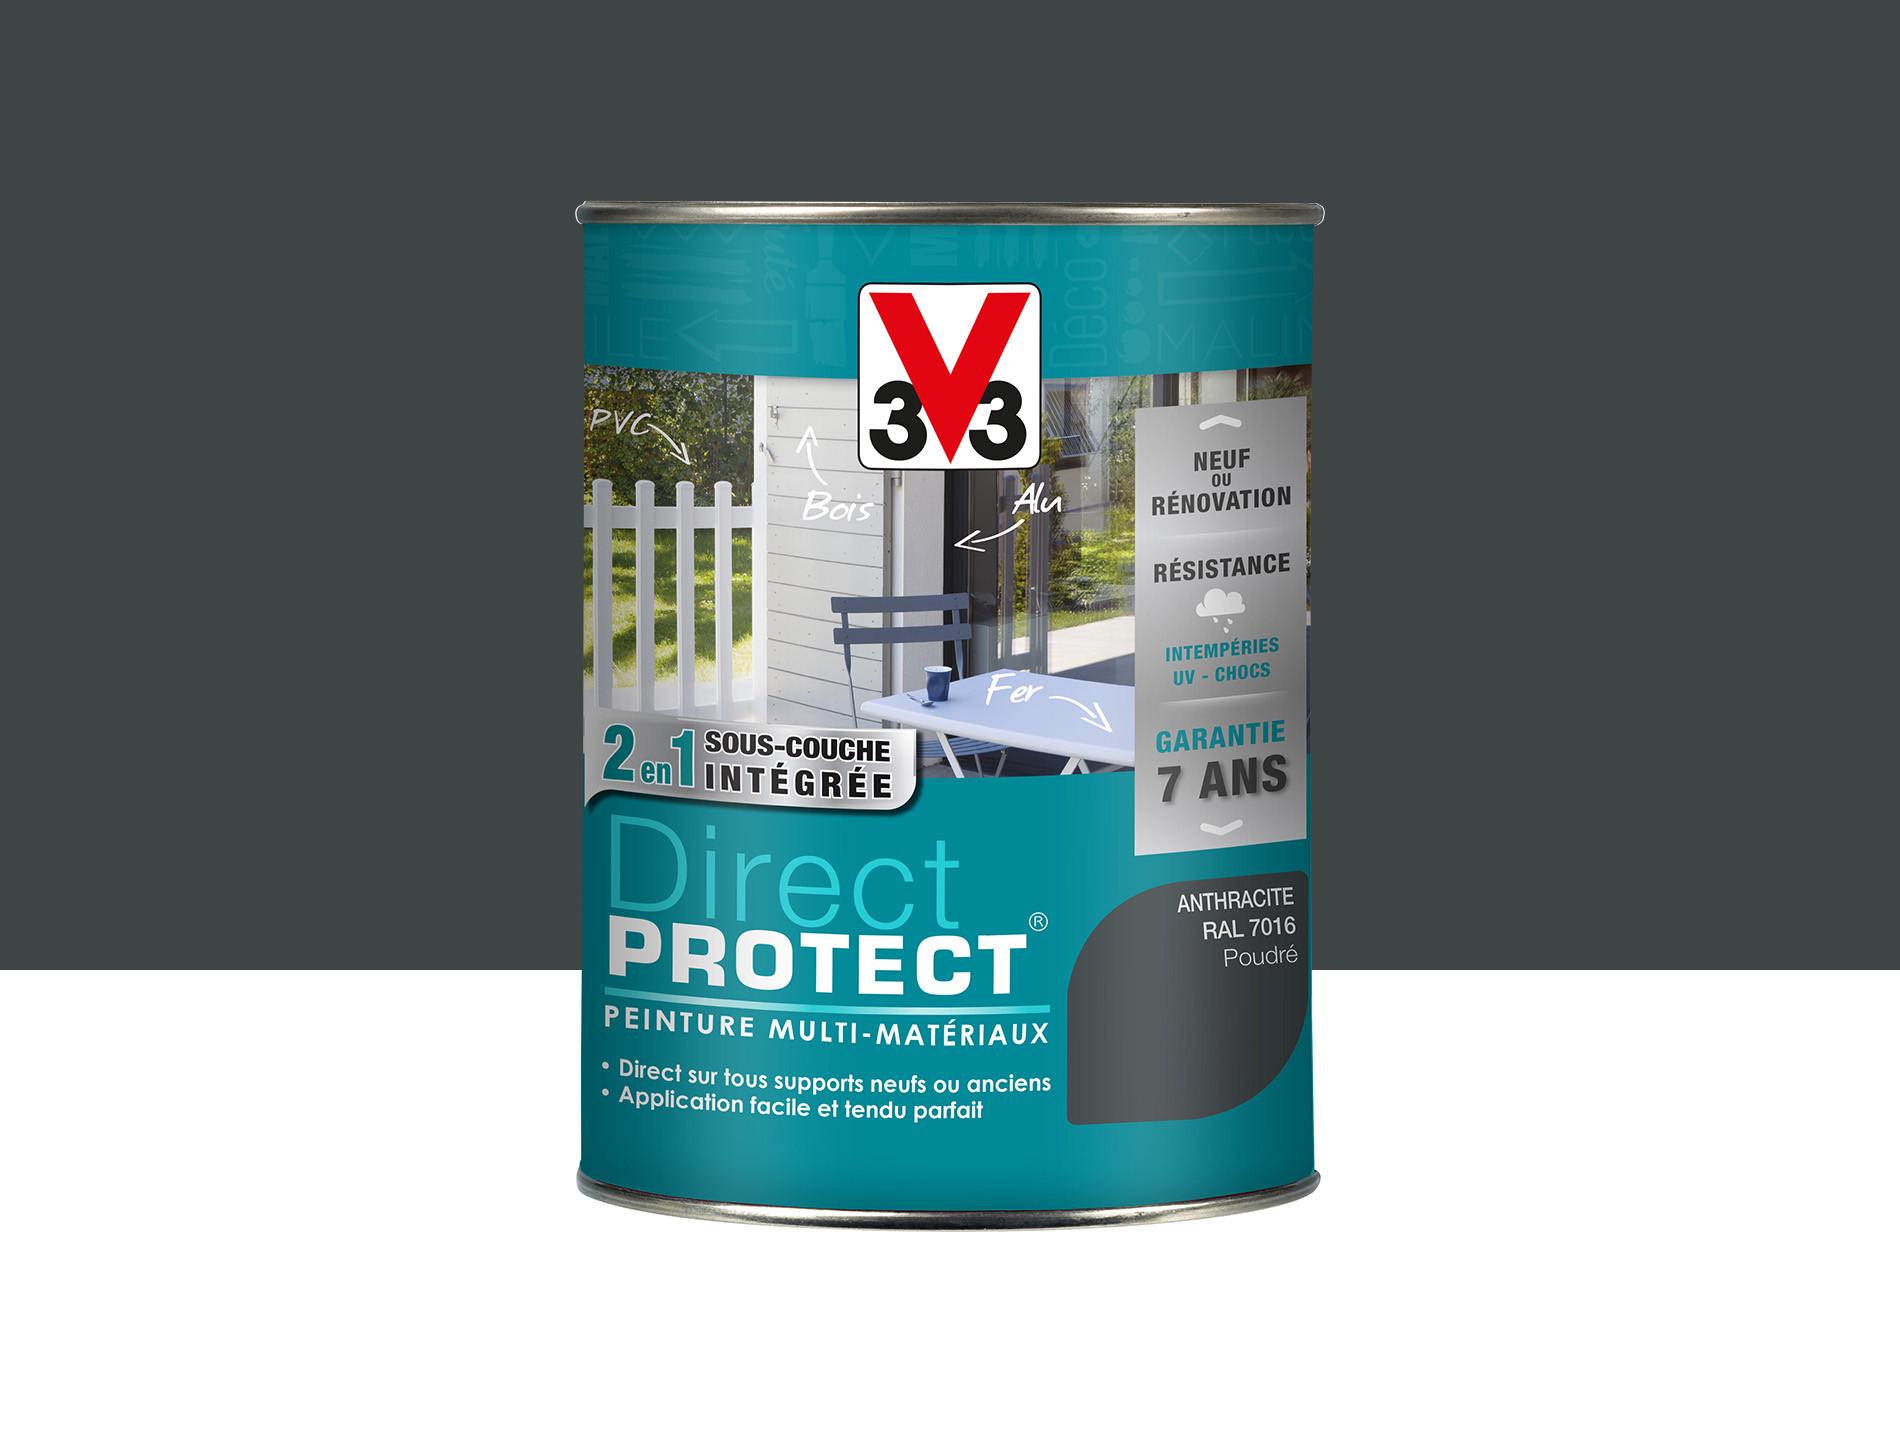 Peinture Direct Protect V33 Poudré Anthracite 15l